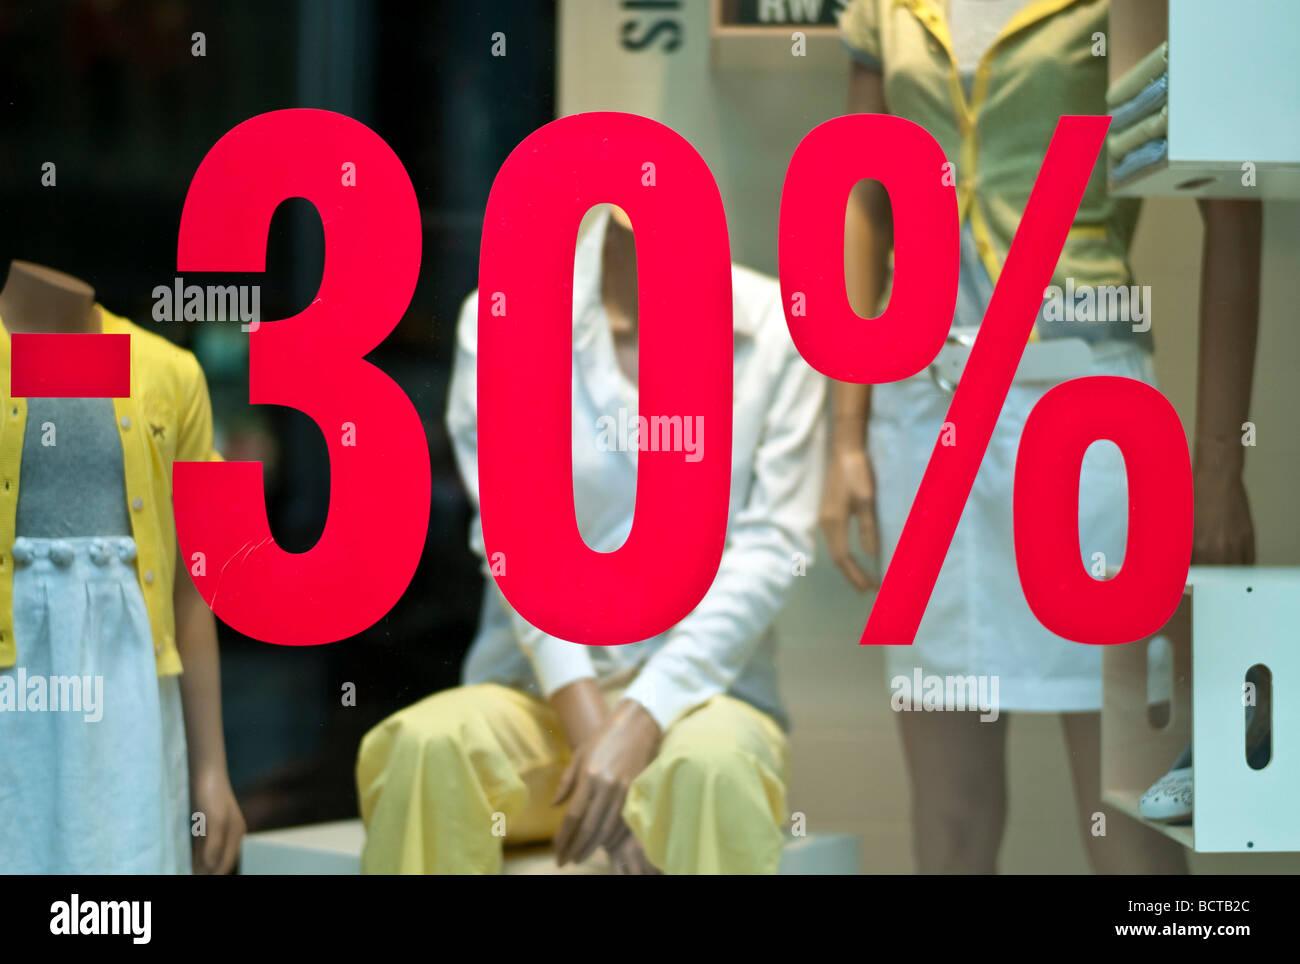 Ein Textilgeschäft Geschäft gewährt einen Rabatt, Frankfurt am Main, Deutschland. Stockfoto